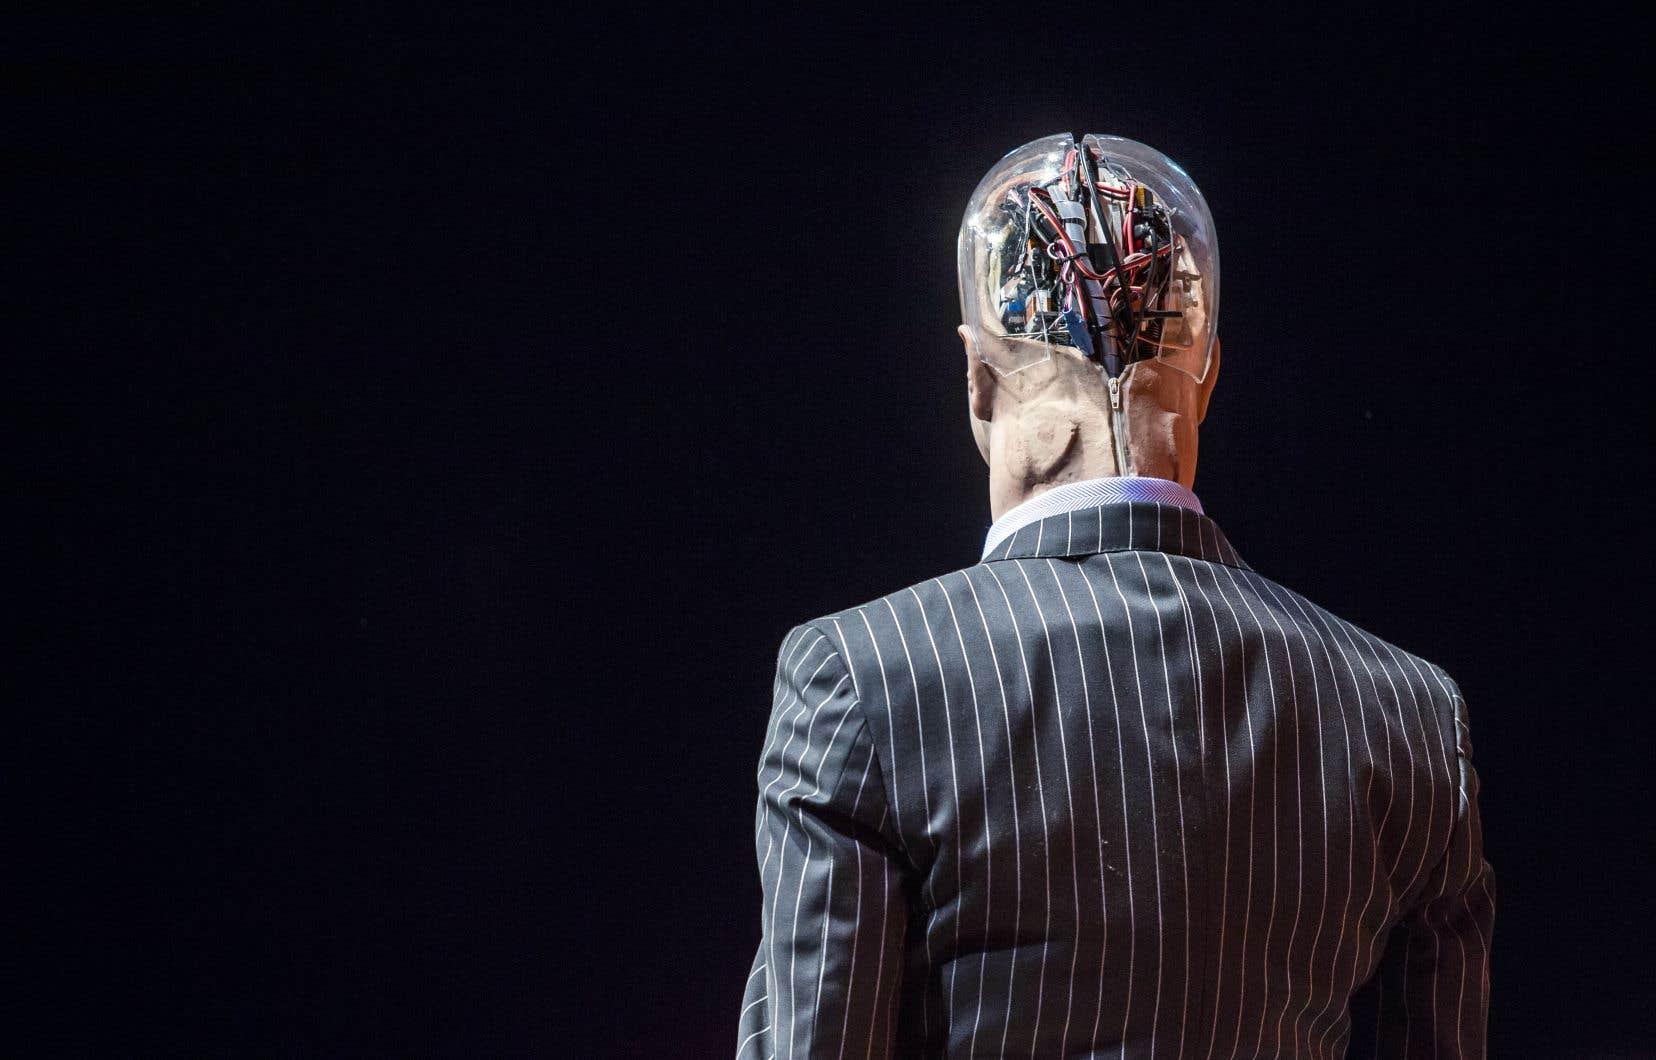 Nous ignorons les changements que ces nouvelles technologies qui se développent à toute allure produisent dans nos vies, nos cerveaux, nos corps, nos écosystèmes.